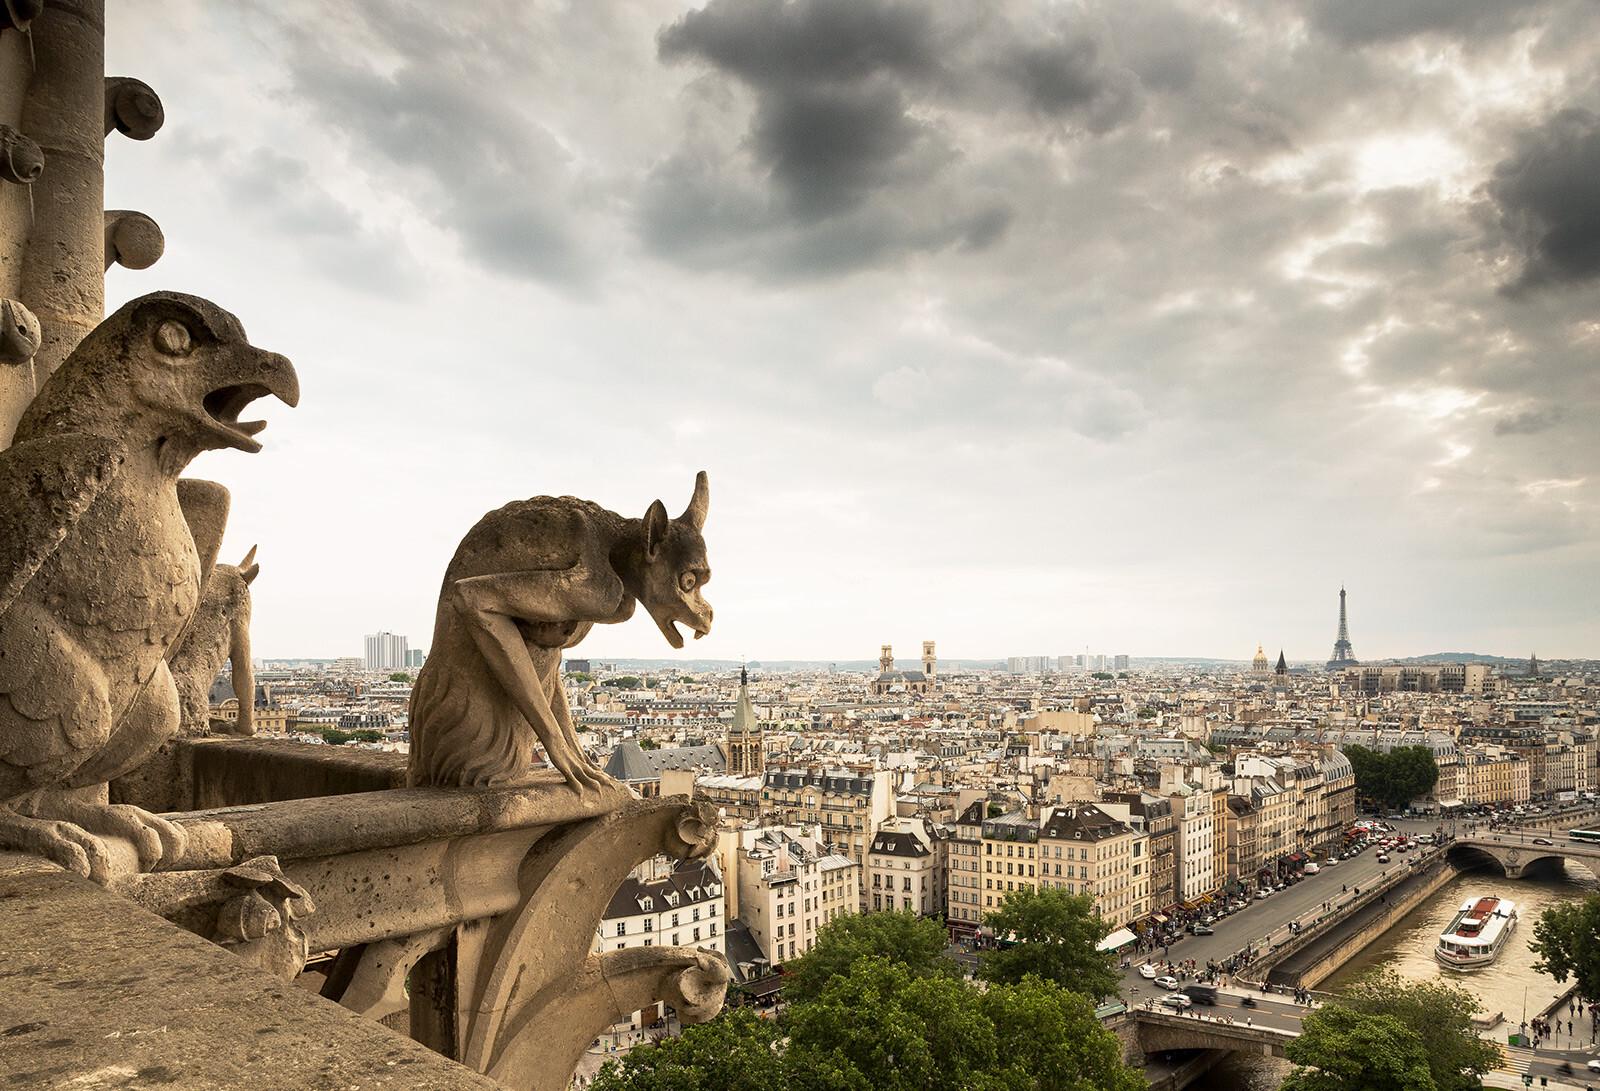 Gargoyles, Notre-Dame de Paris - Horst & Daniel  Zielske